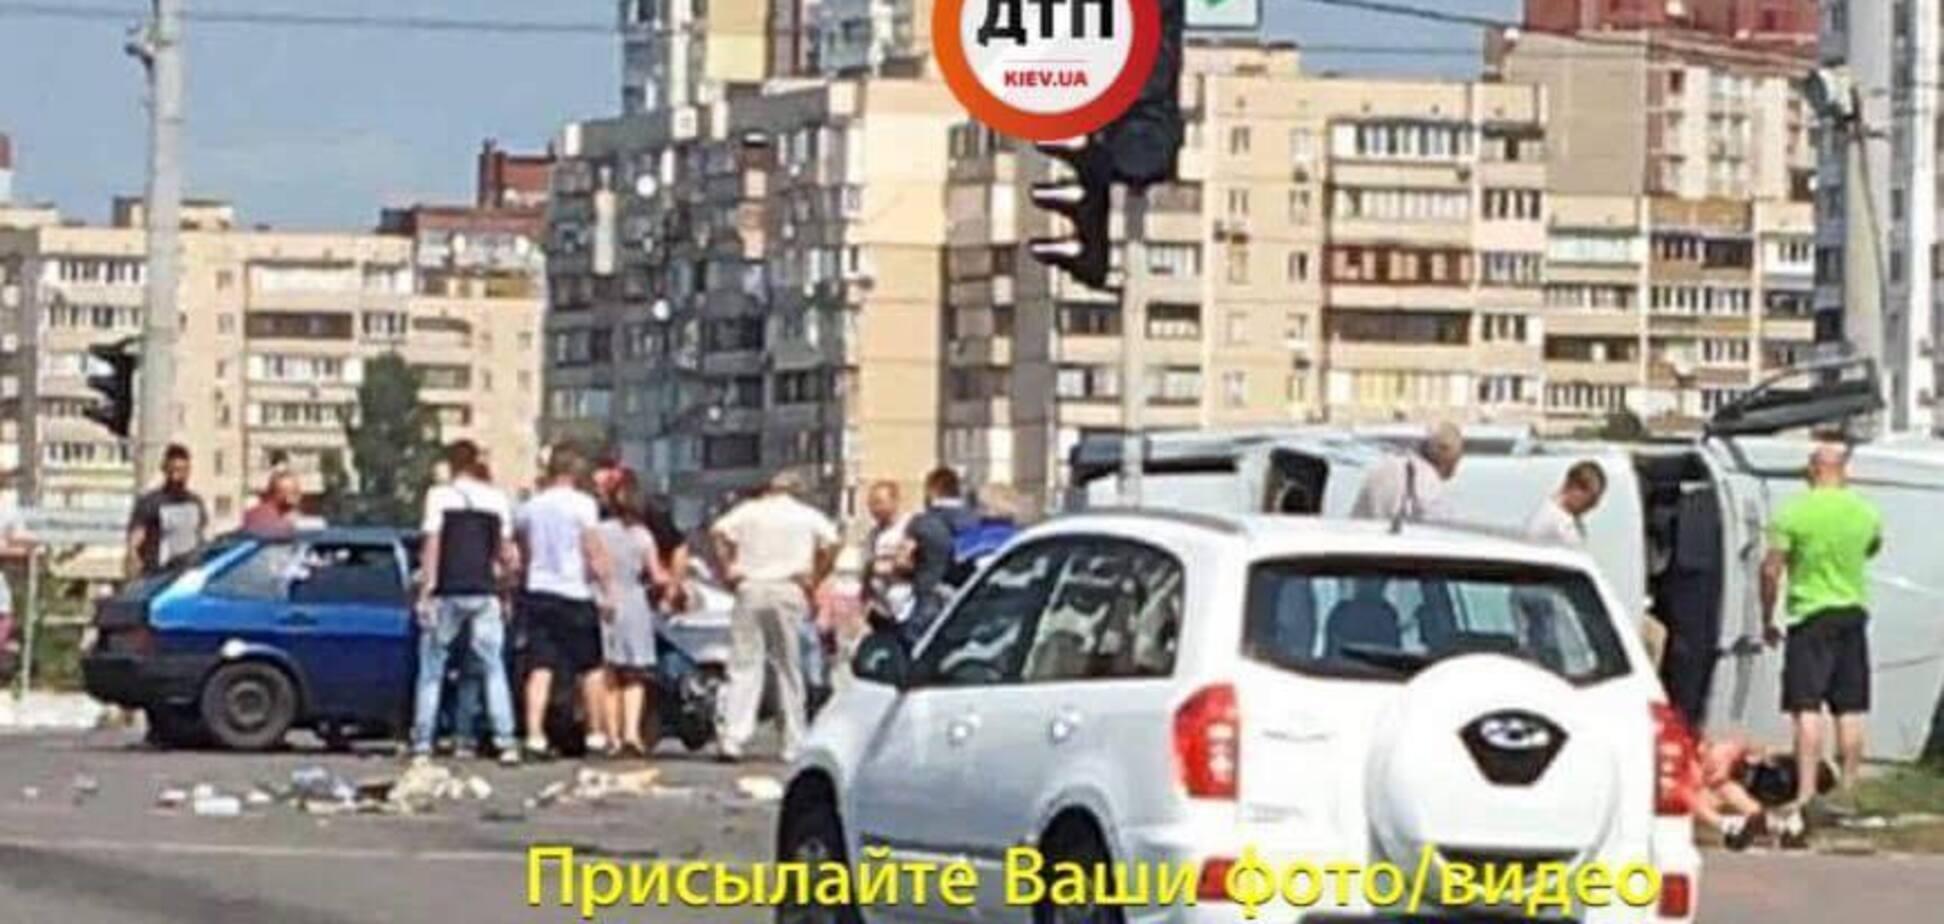 У Києві авто влетіло у натовп пішоходів: з'явилися фото і відео